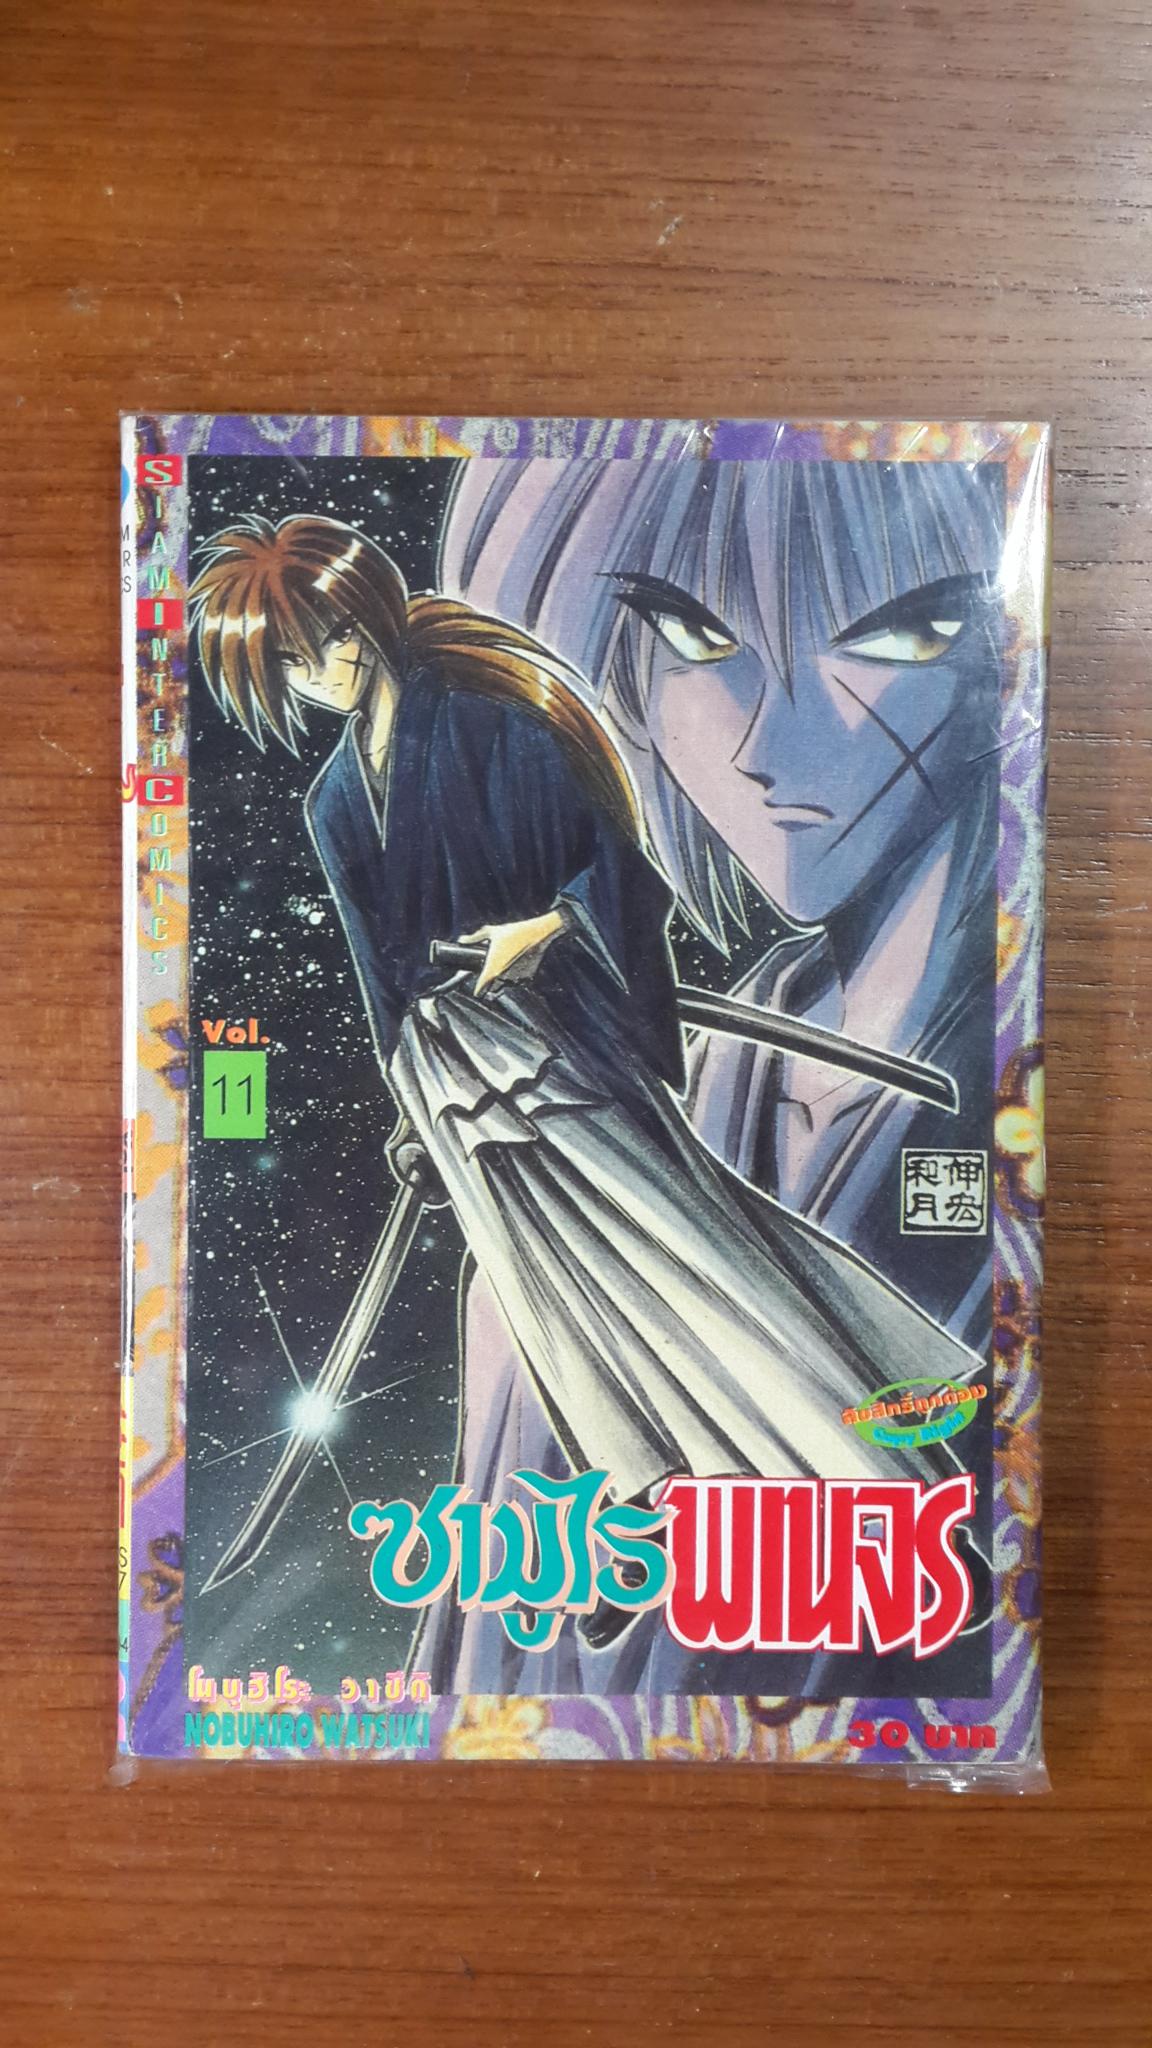 ซามูไรพเนจร Vol.11